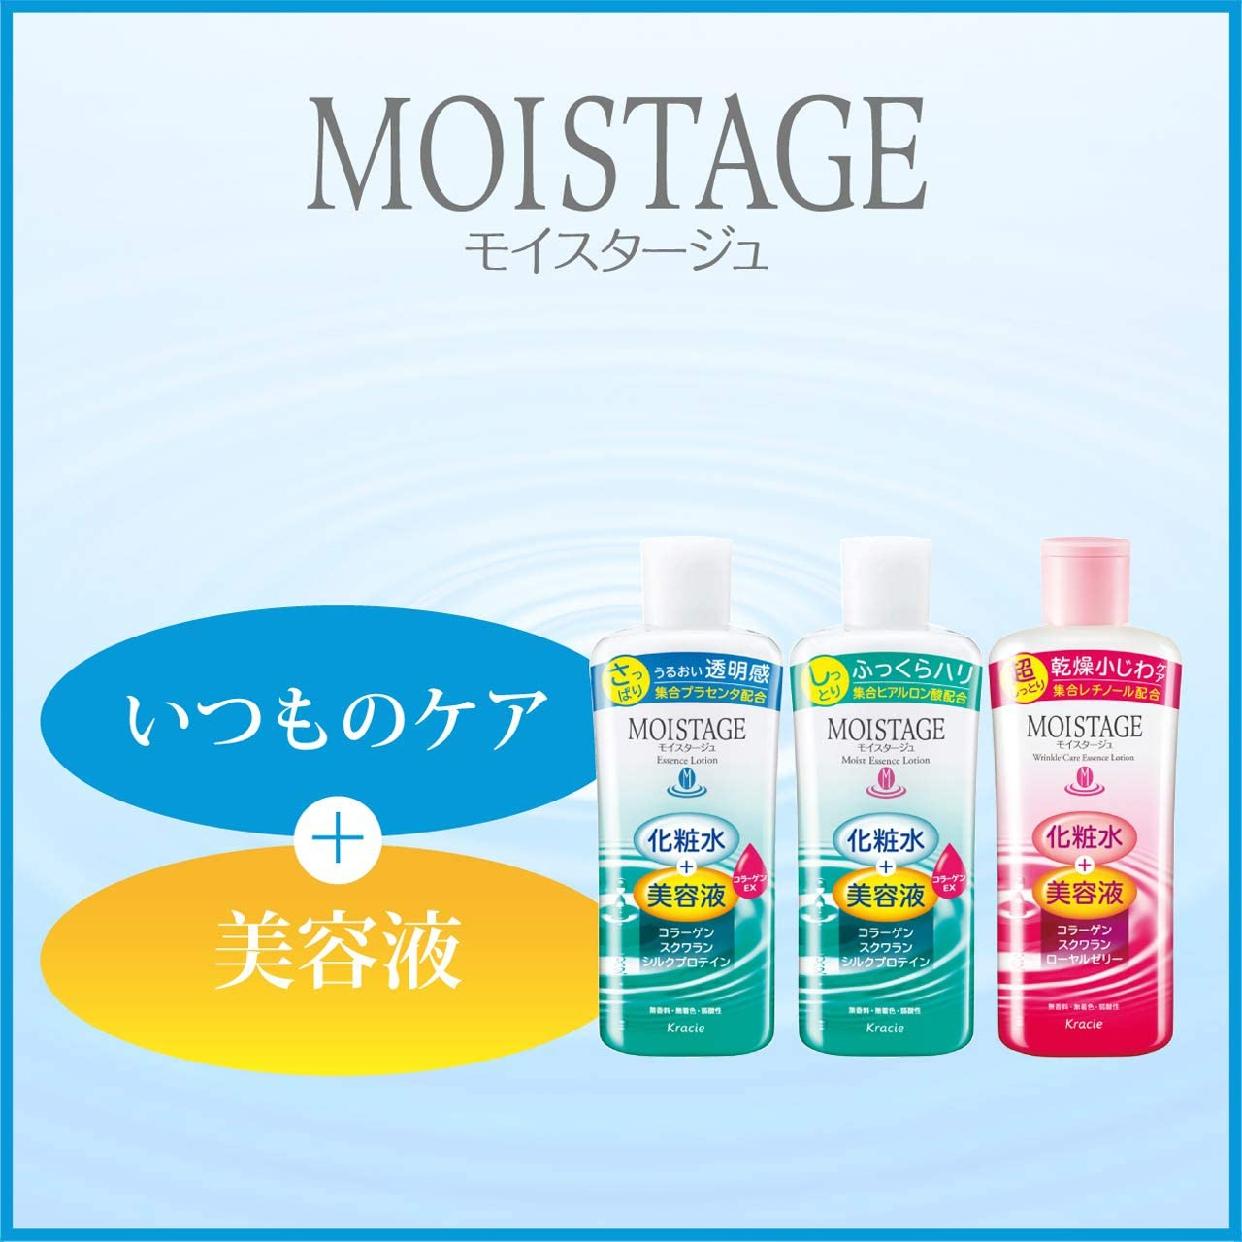 MOISTAGE(モイスタージュ) エッセンスミルク (さっぱり)の商品画像3